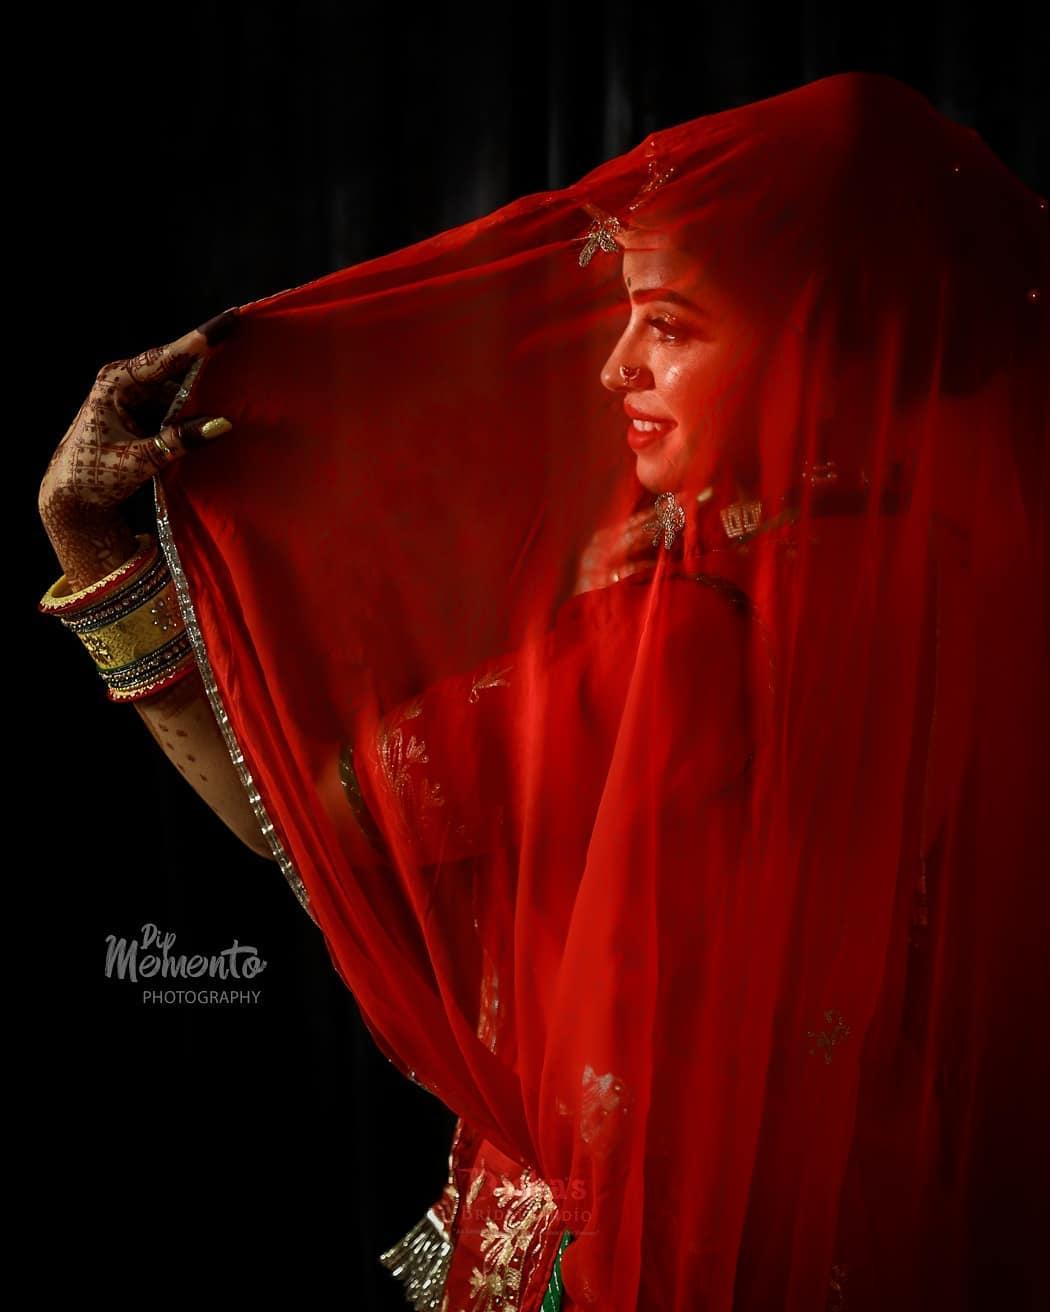 Dip Memento Photography,  brides, marwadibride, bridetobe, coolbrides, bigfatindianwedding, bridemakeup, indianwedding, photography, weddings, indianwedding, 101, dipmementophotography, 9924227745, loveformakeup, marwari, makeupartist, makeup, ahmedabad, candidportraits, indianbride, indianfashionblogger, marwadistyle, rajasthanibride, brides, funbrides